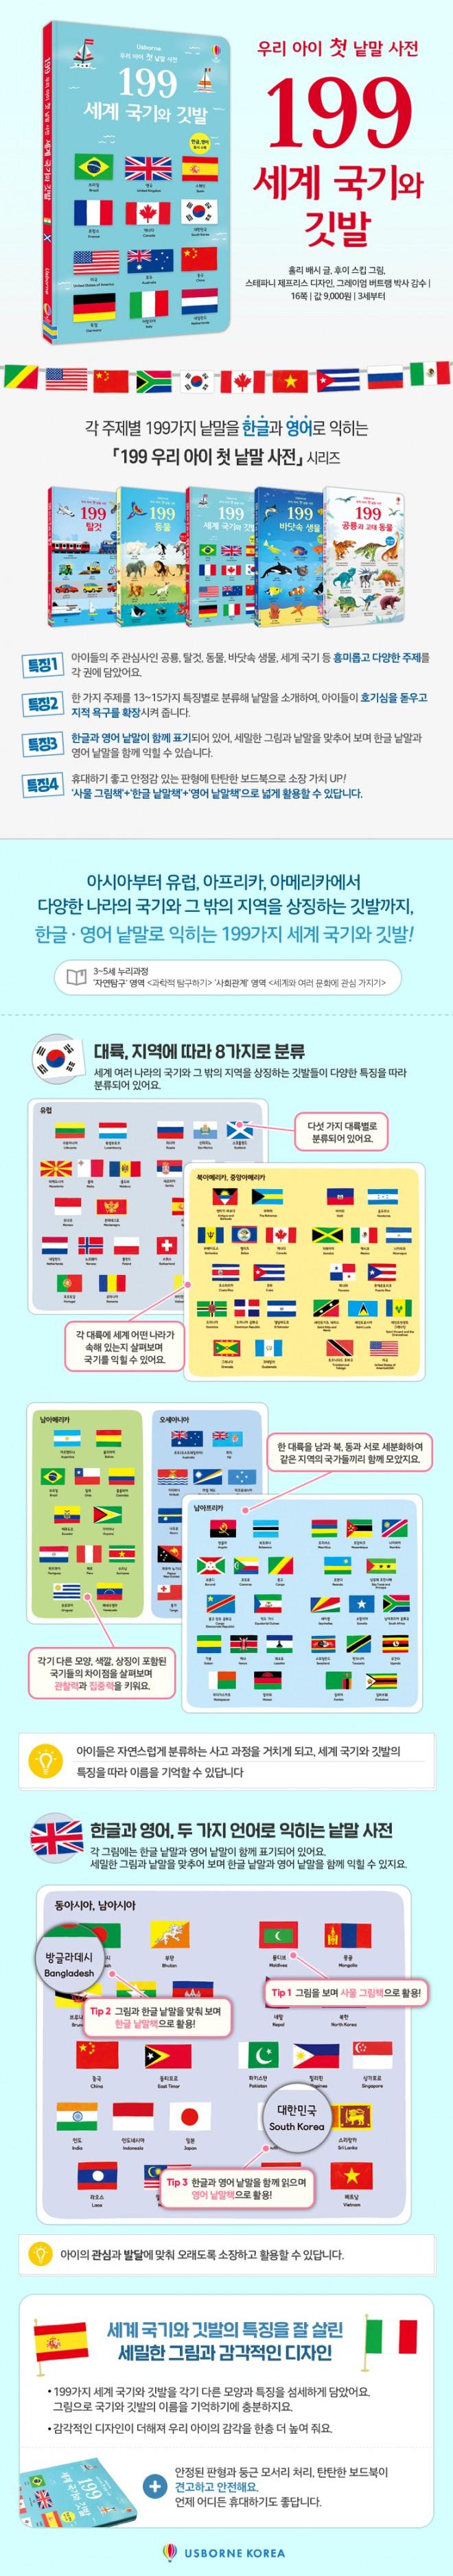 199_우리 아이 첫 낱말 사전 세계 국기와 깃발